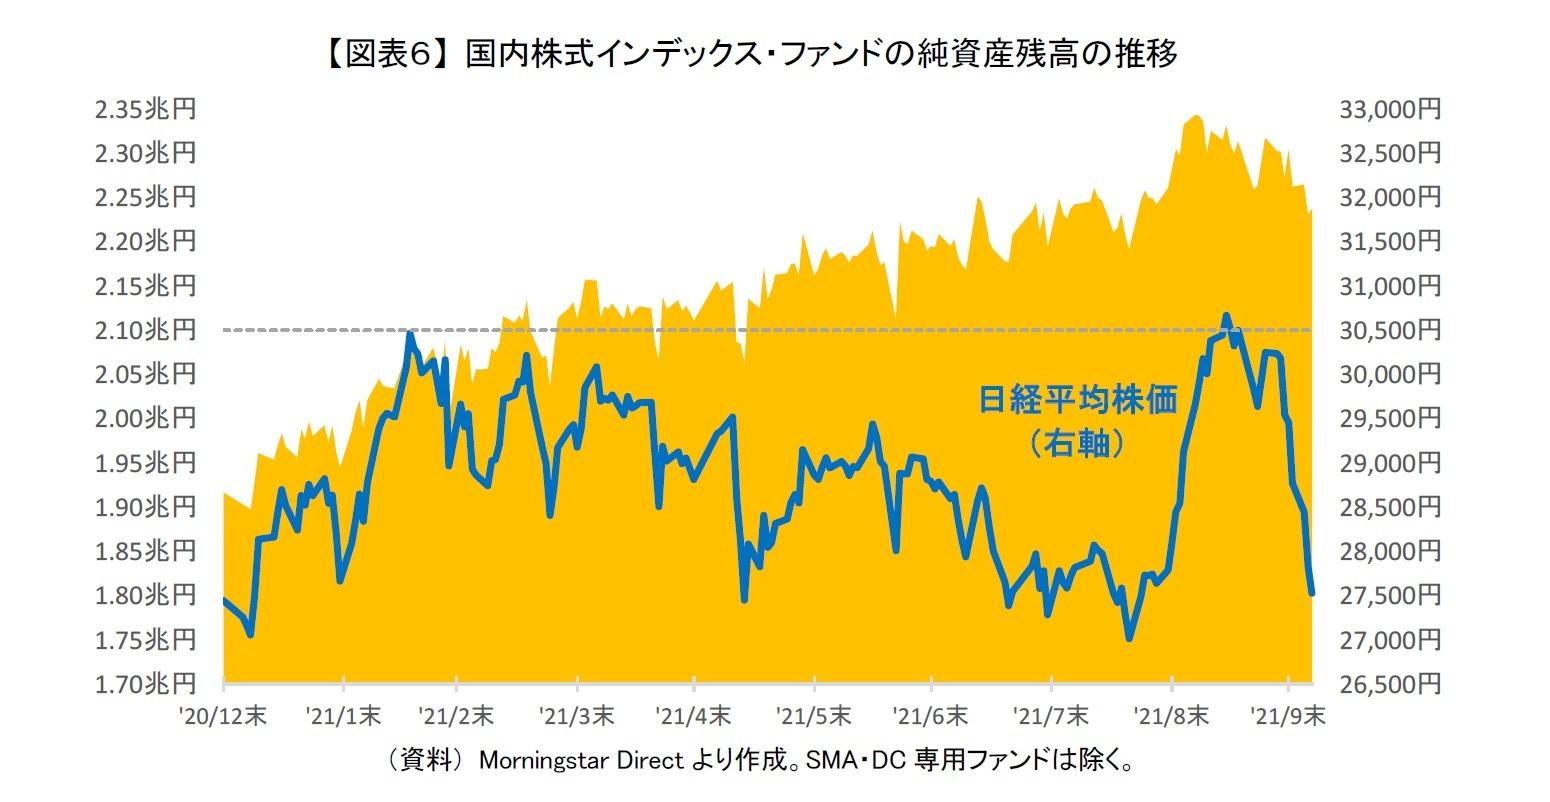 【図表6】 国内株式インデックス・ファンドの純資産残高の推移